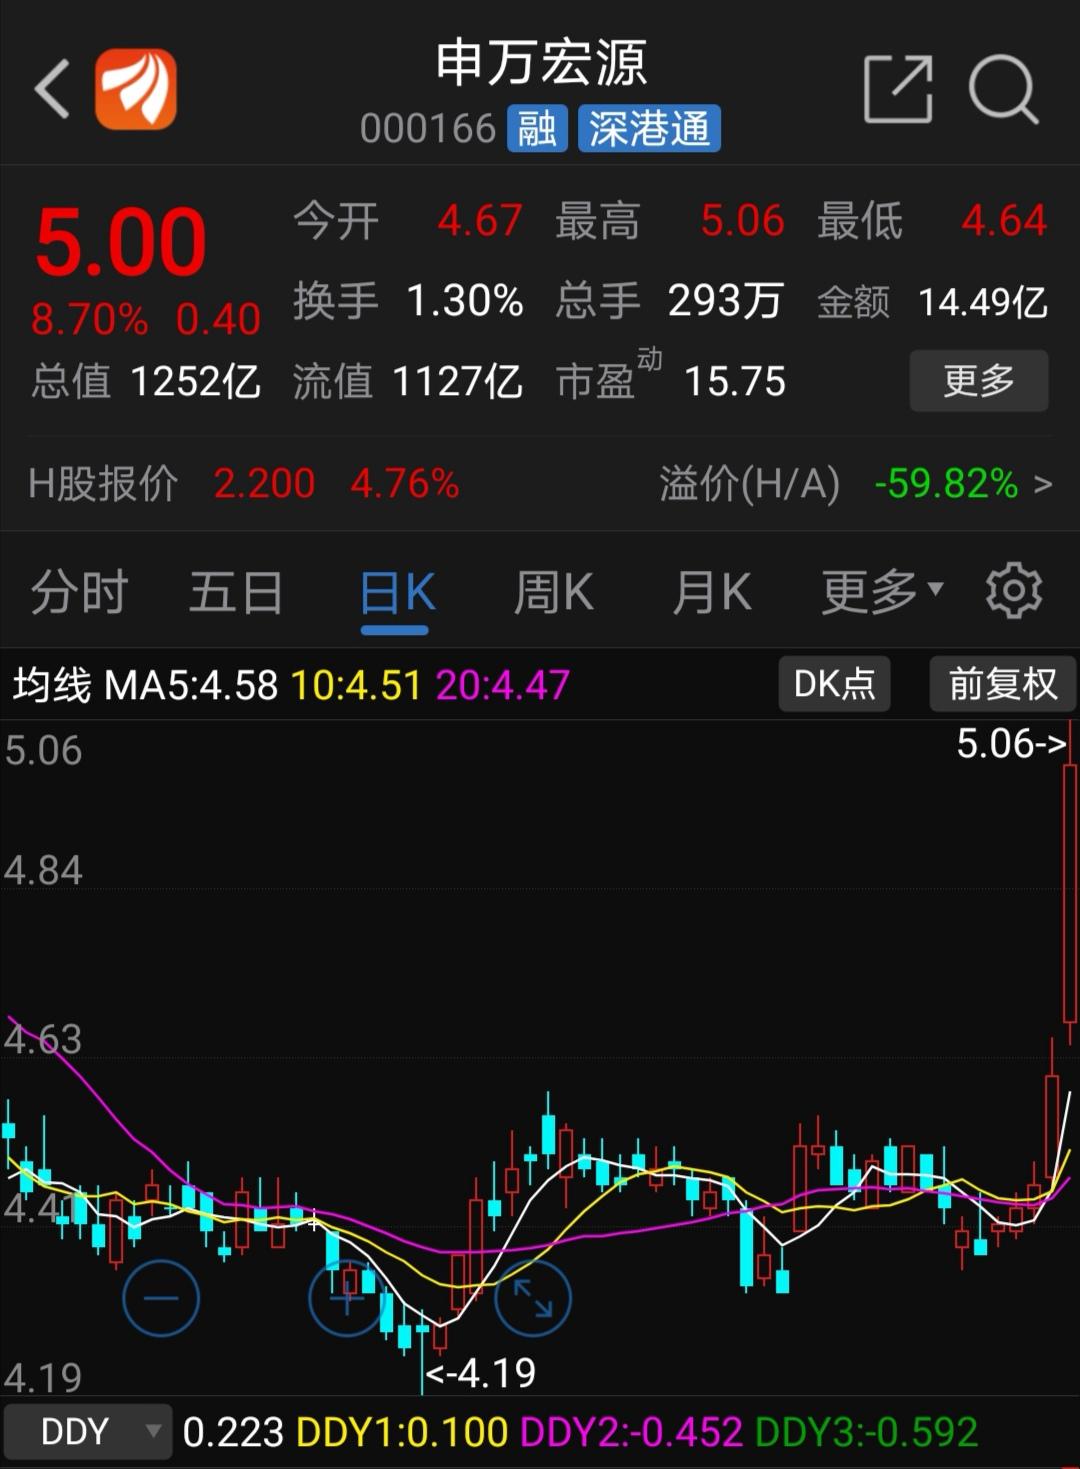 申万宏源近期股价走势图(资料来源:东方财富网)